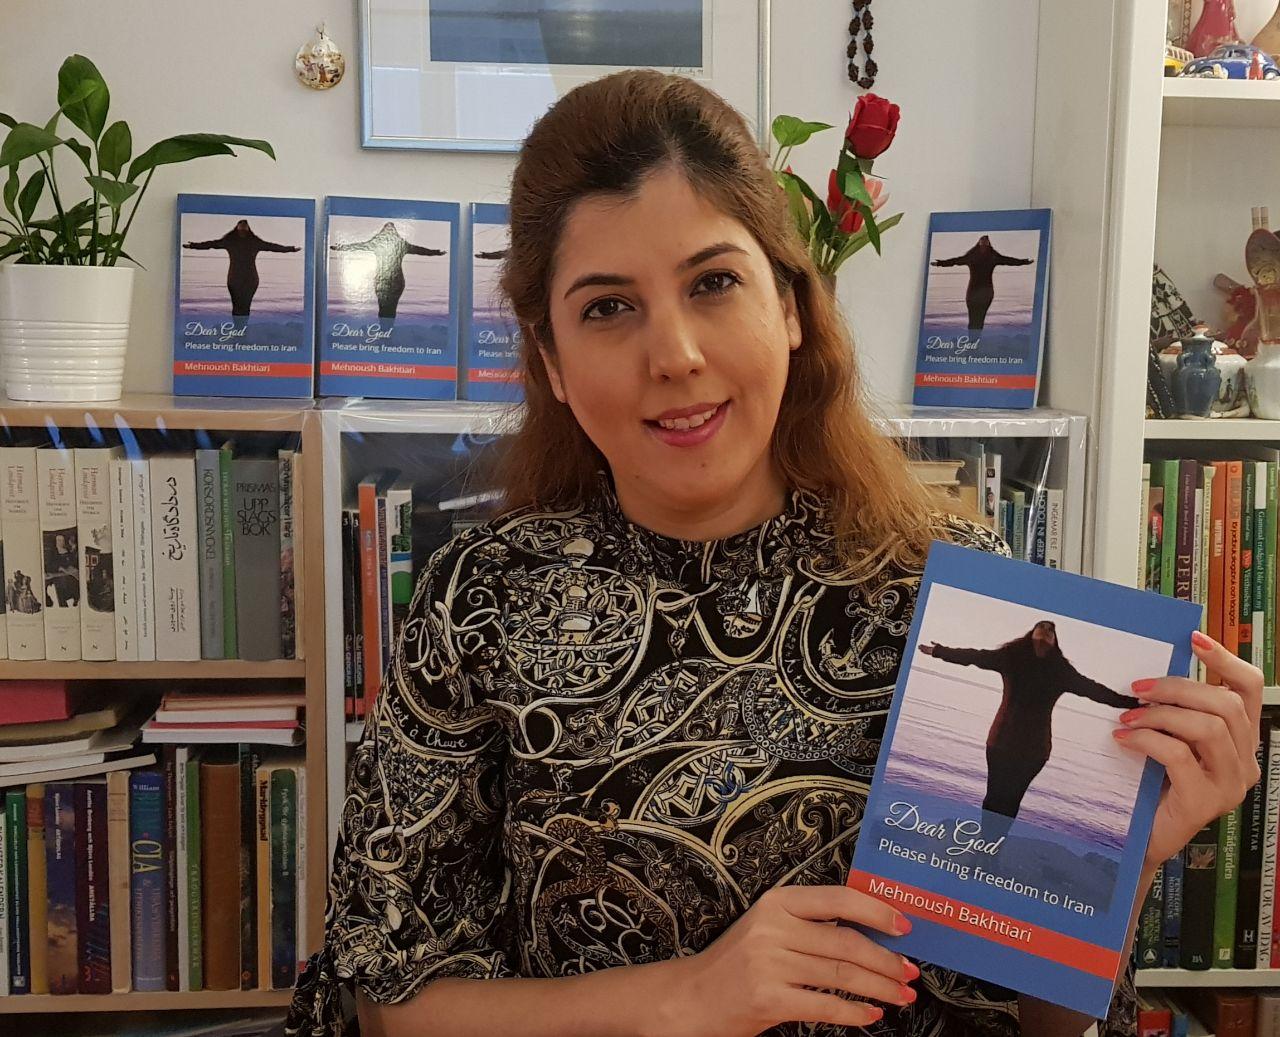 معرفی کتاب: خدای عزیز لطفاً آزادی را به ایران بیاور